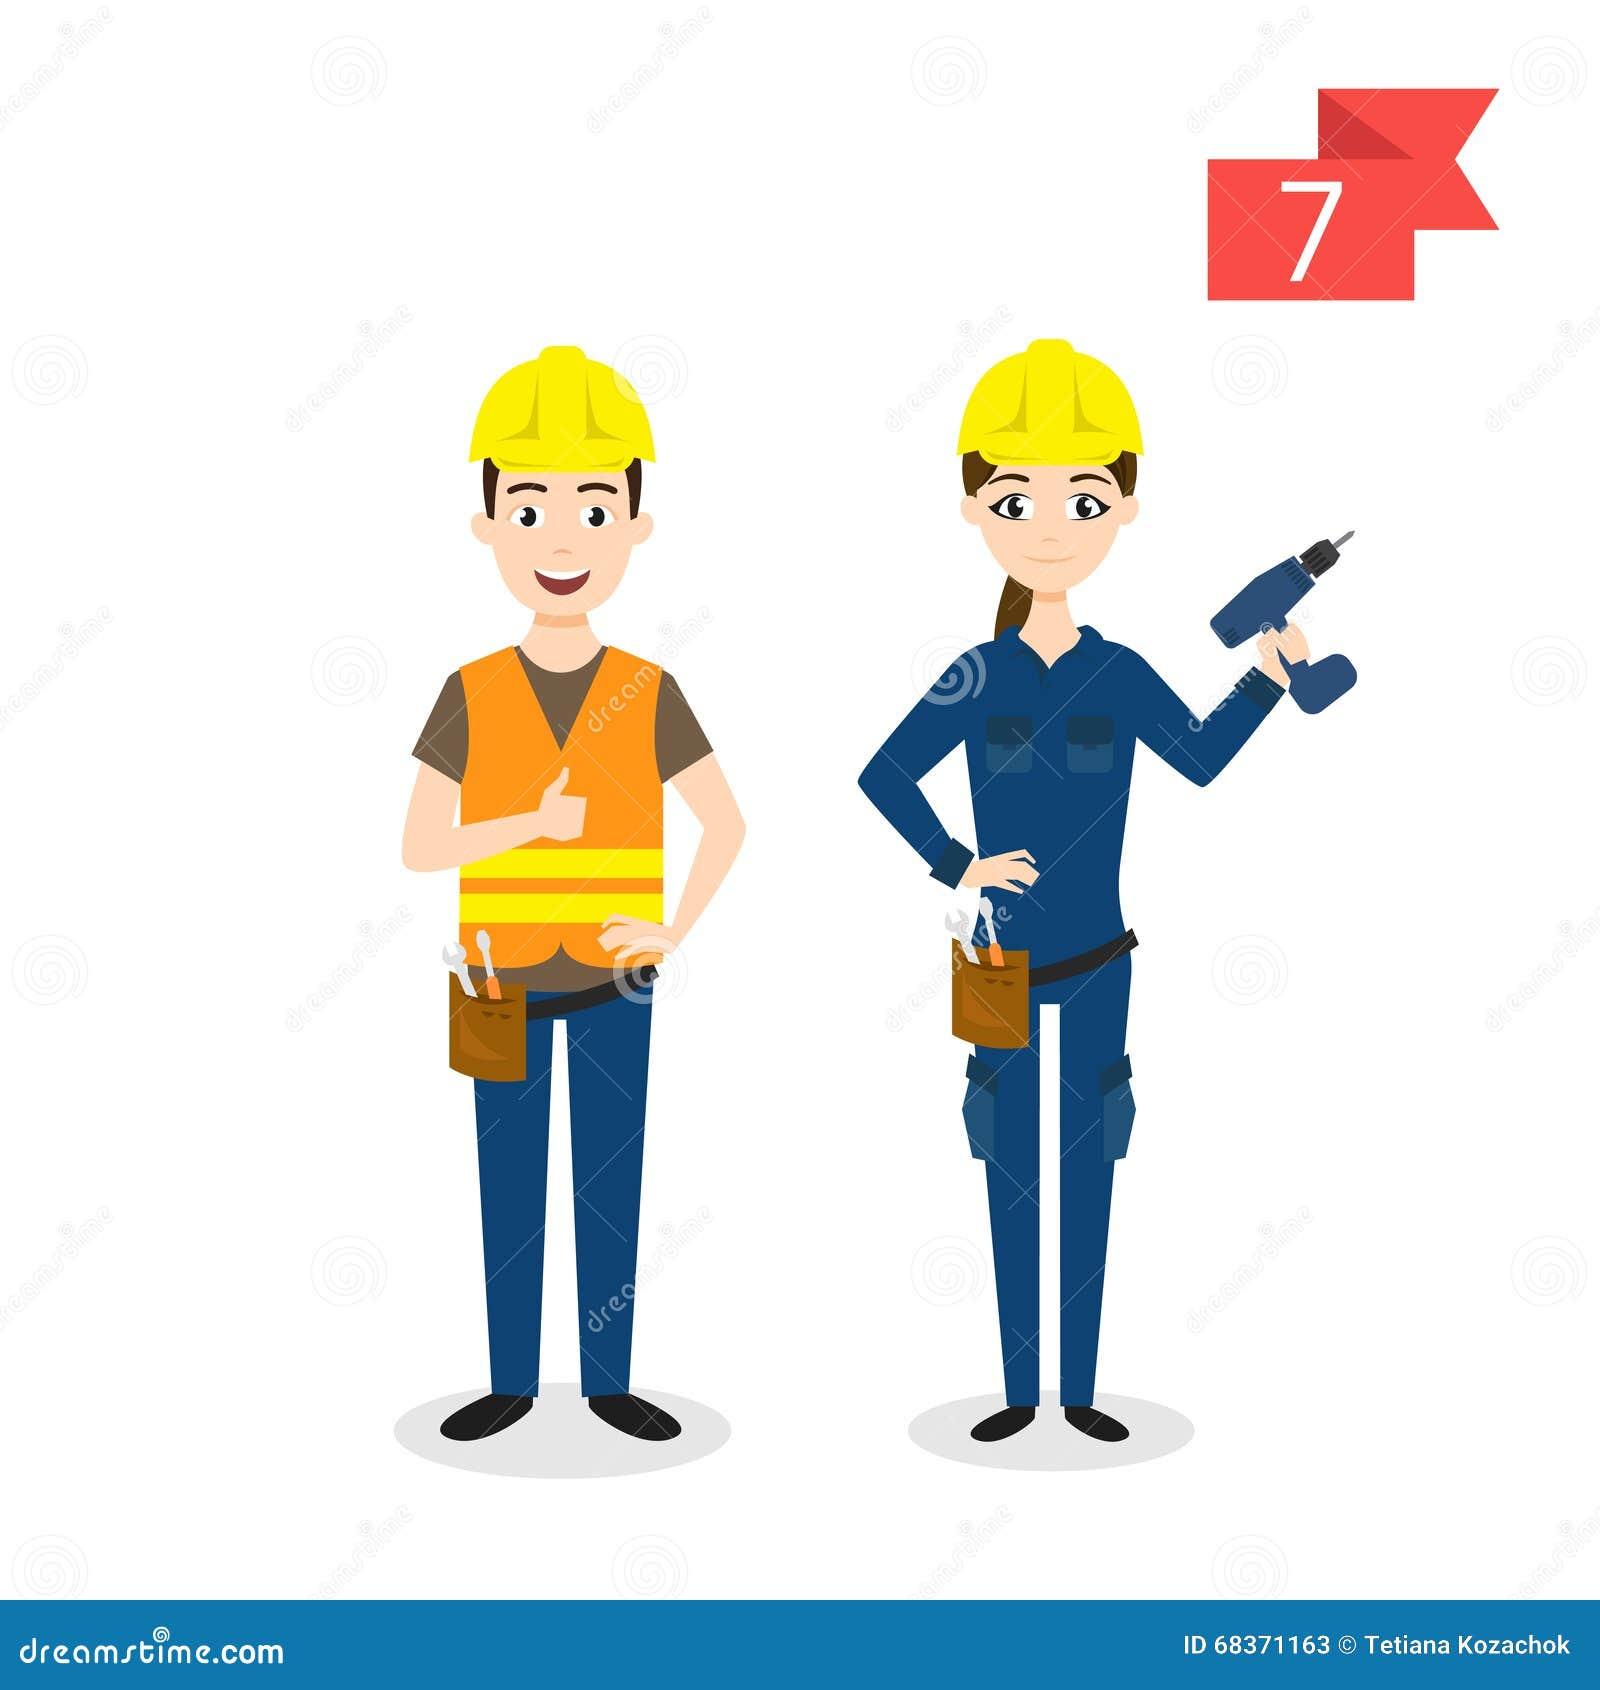 Yrketecken: man och kvinna arbetare